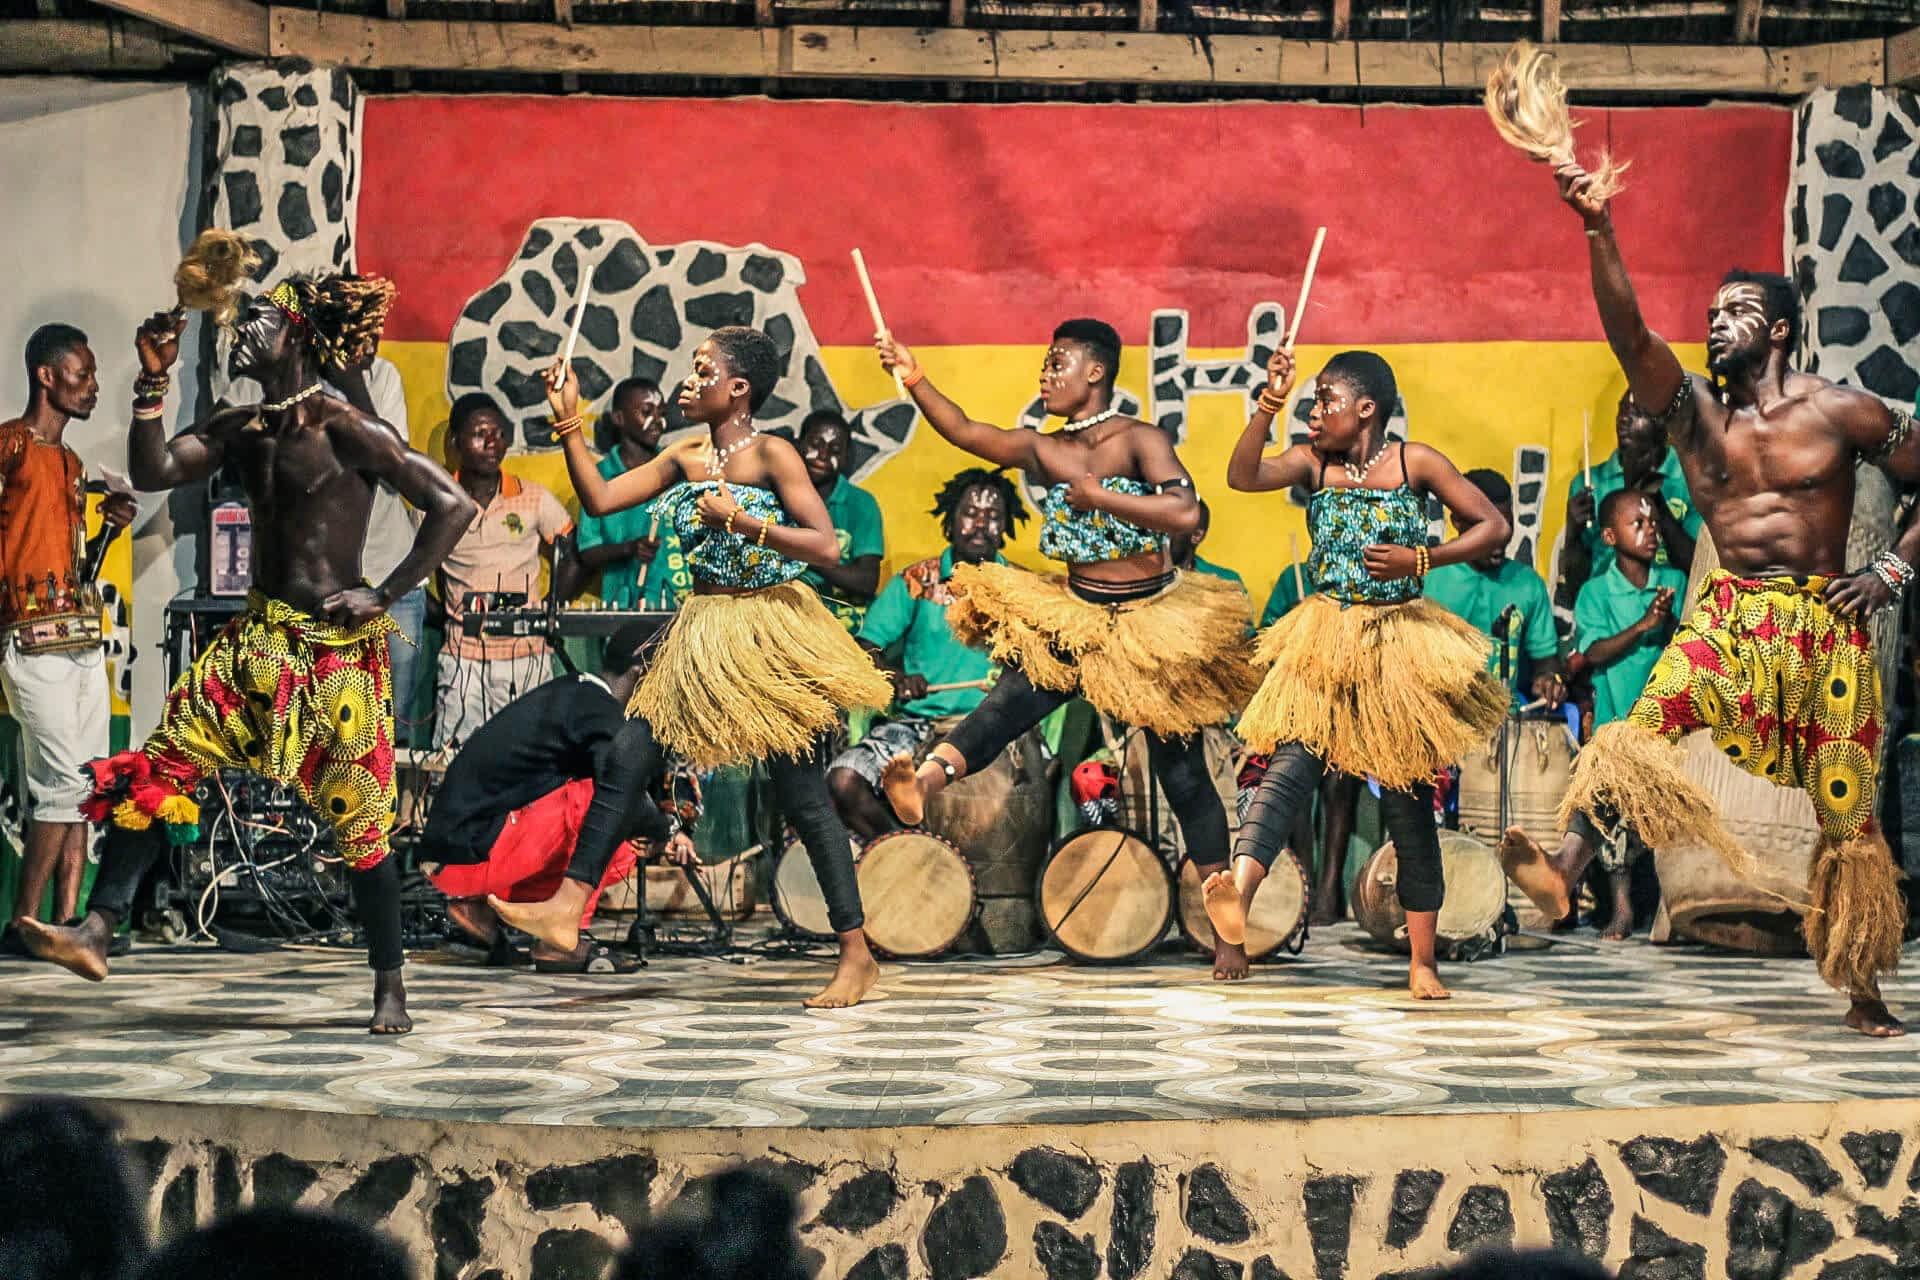 Cultural display in Ghana